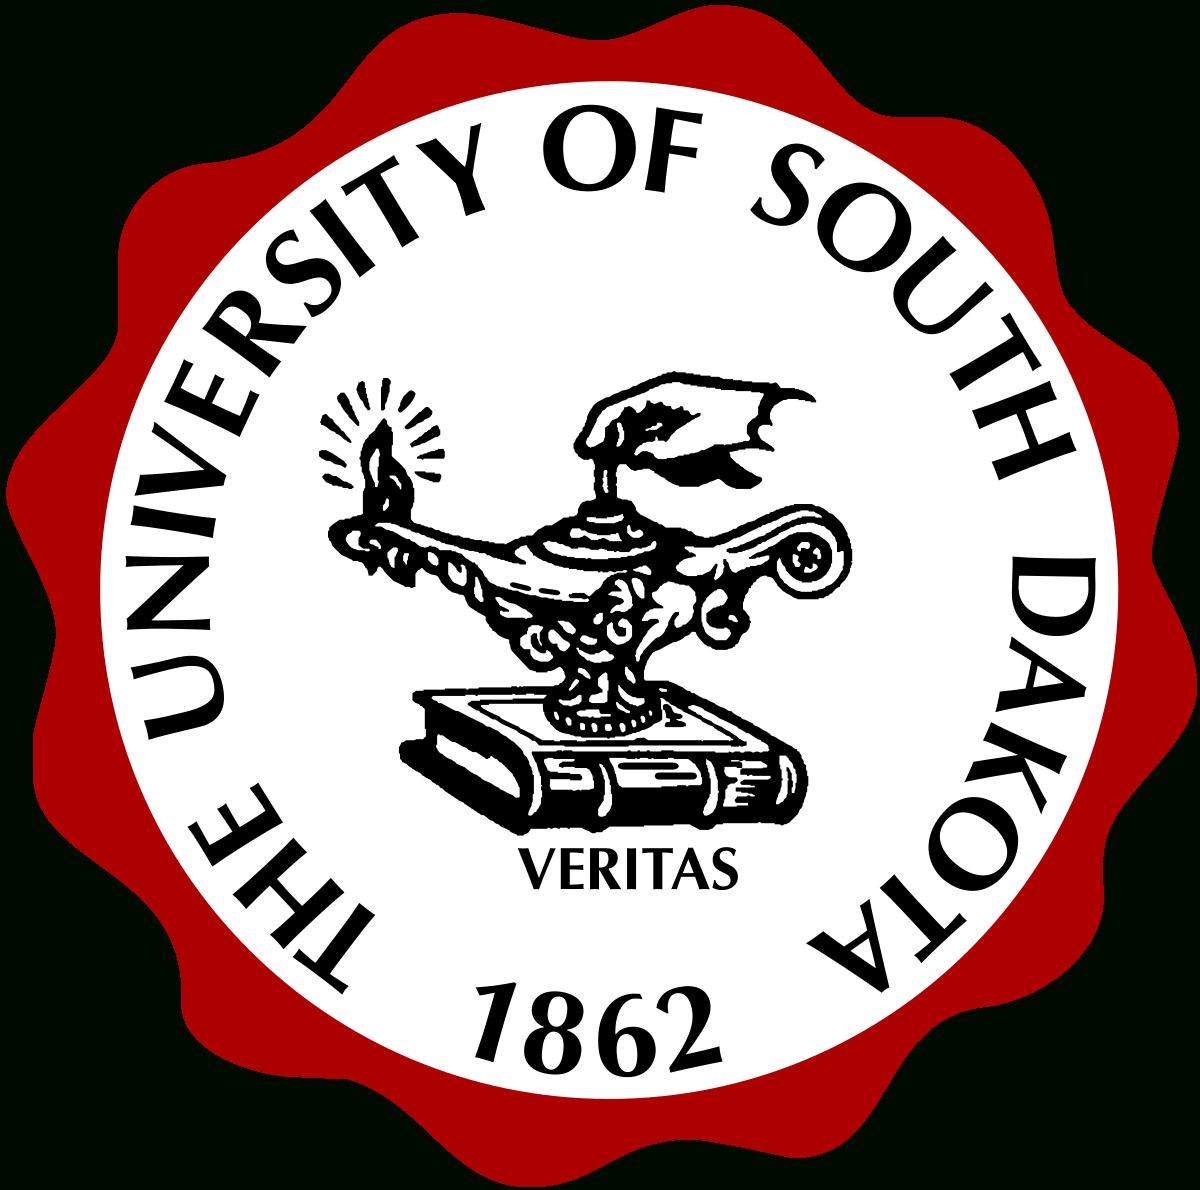 University Of South Dakota - Wikipedia intended for University Of South Dakota School Schedule